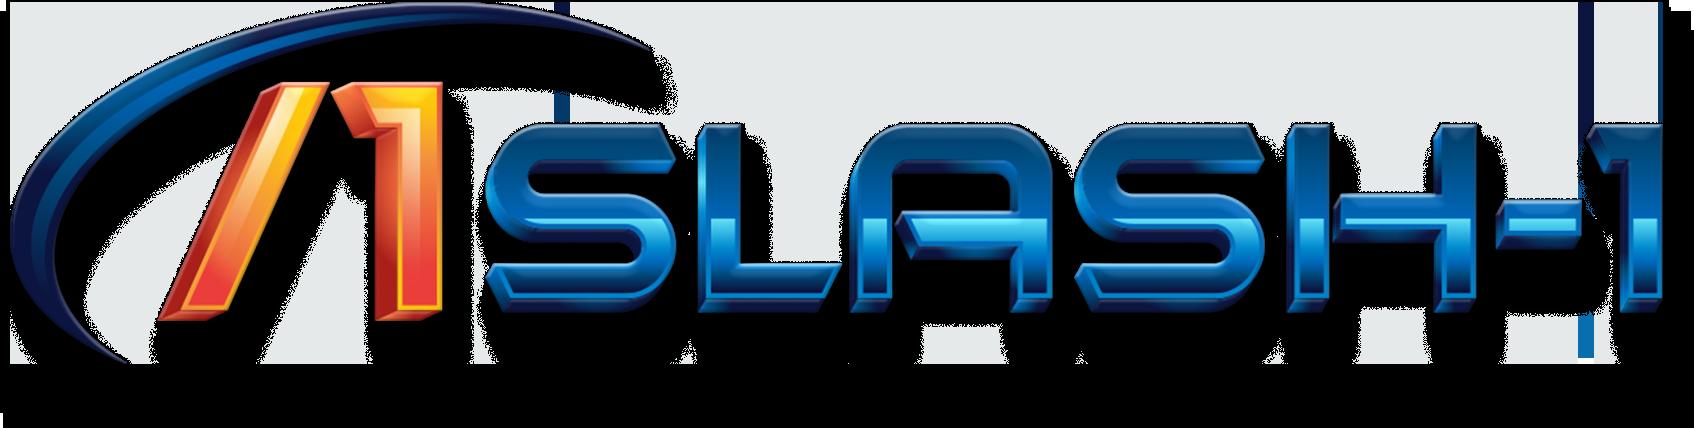 Slash-1